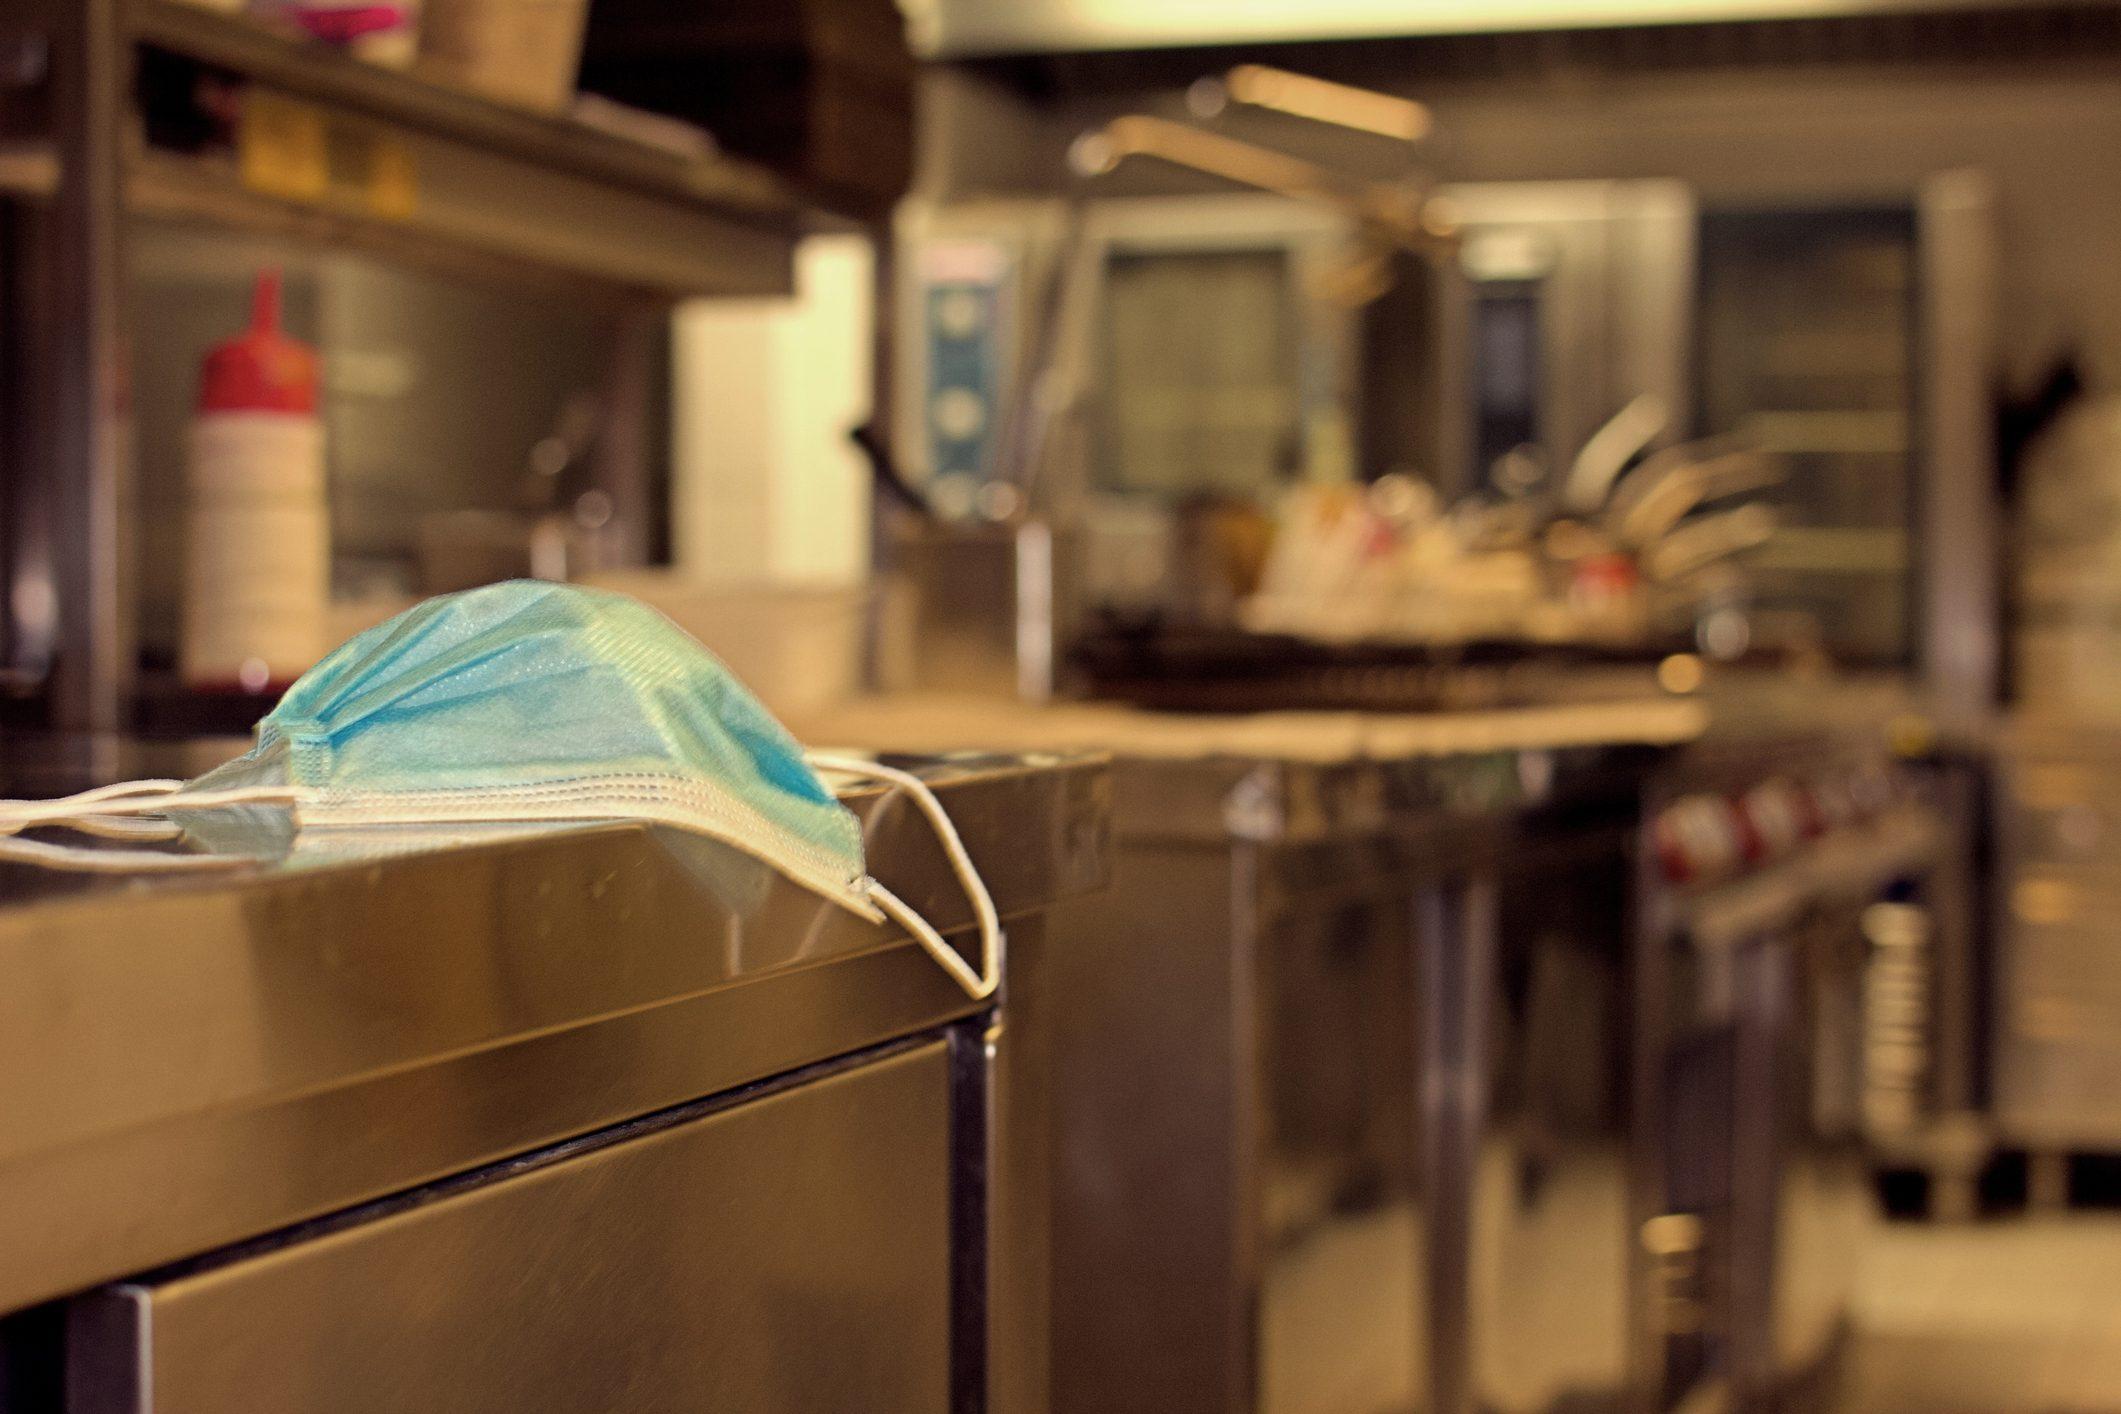 La stretta sulla ristorazione: le misure del nuovo decreto e le proteste in corso